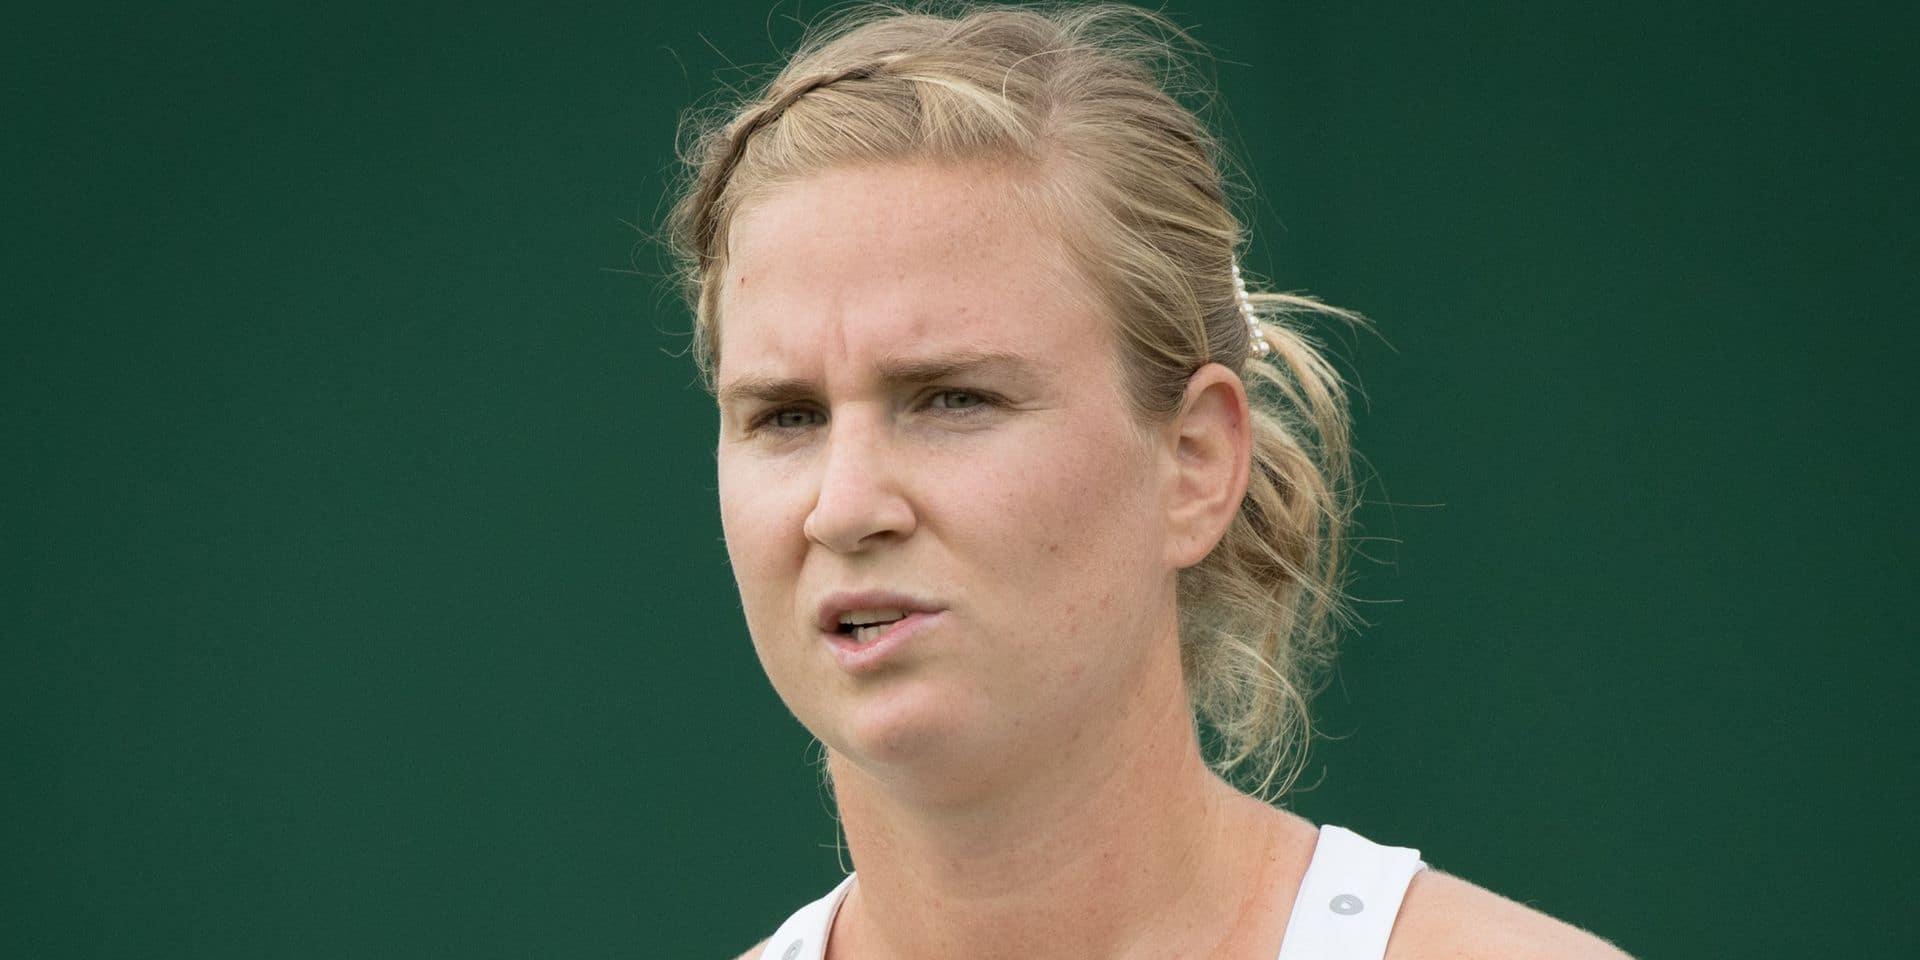 WTA Luxembourg: Ysaline Bonaventure renonce à défier Elise Mertens, qui affrontera Stefanie Vögele, Alison Van Uytvanck jète aussi l'éponge